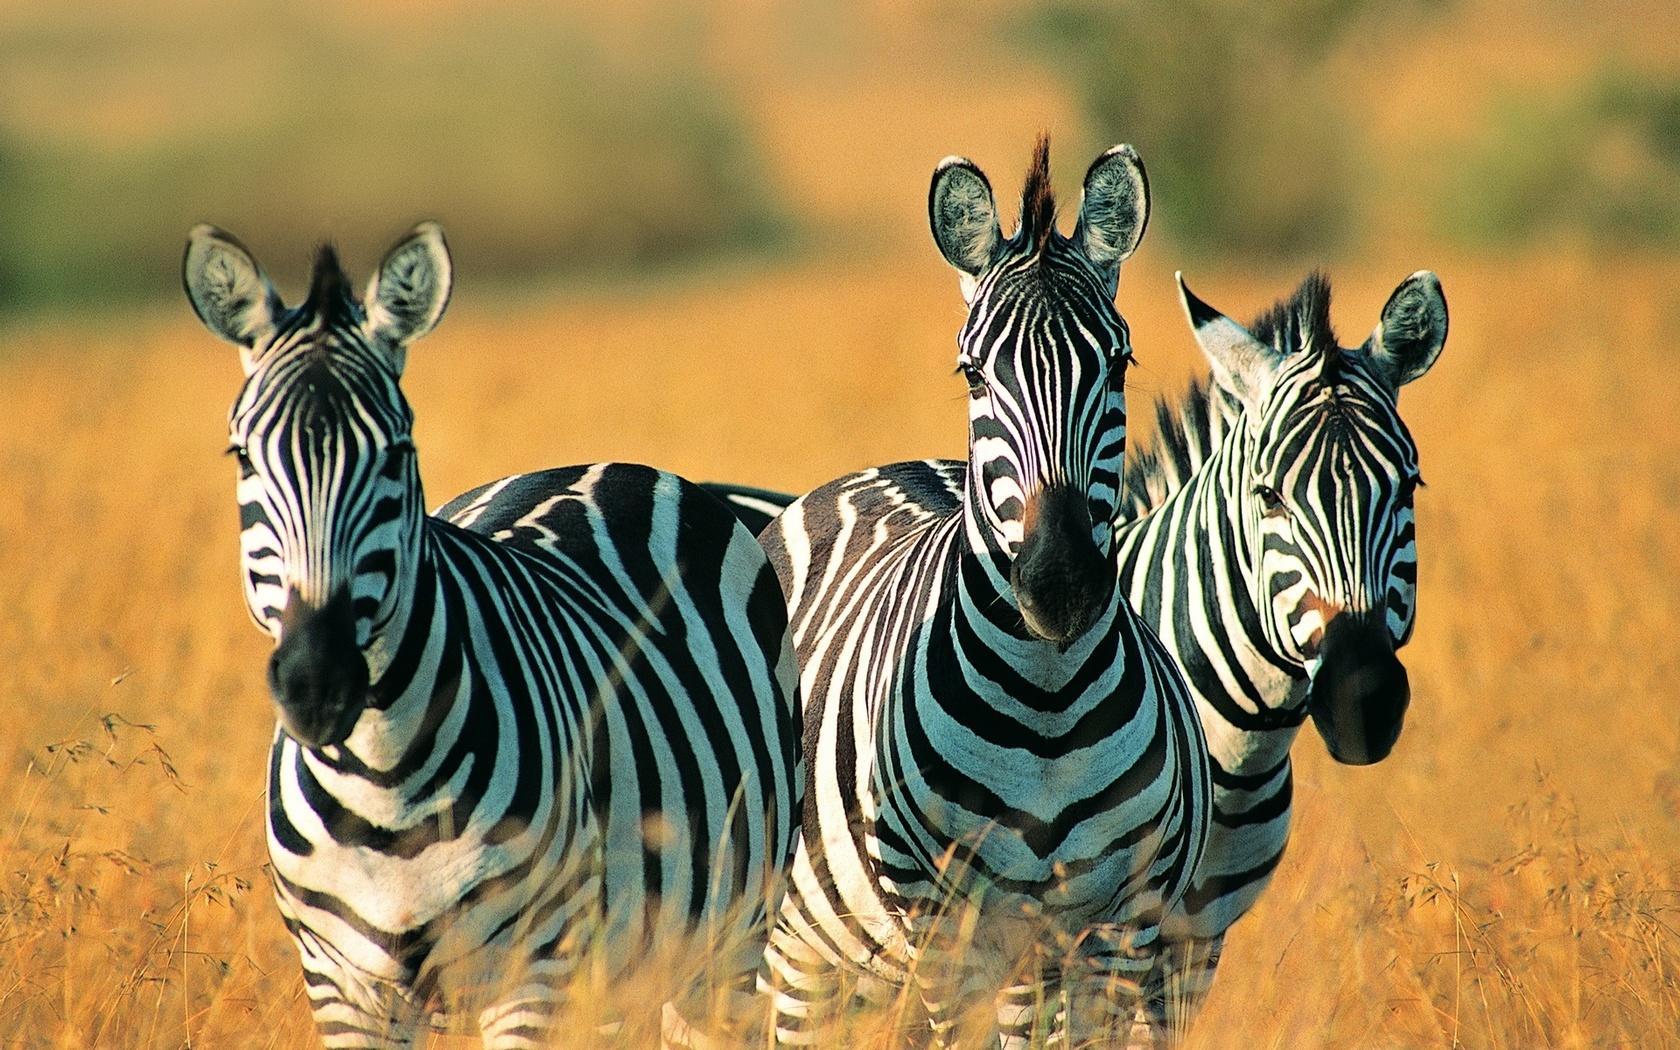 зебры, полосатые красавцы, поле